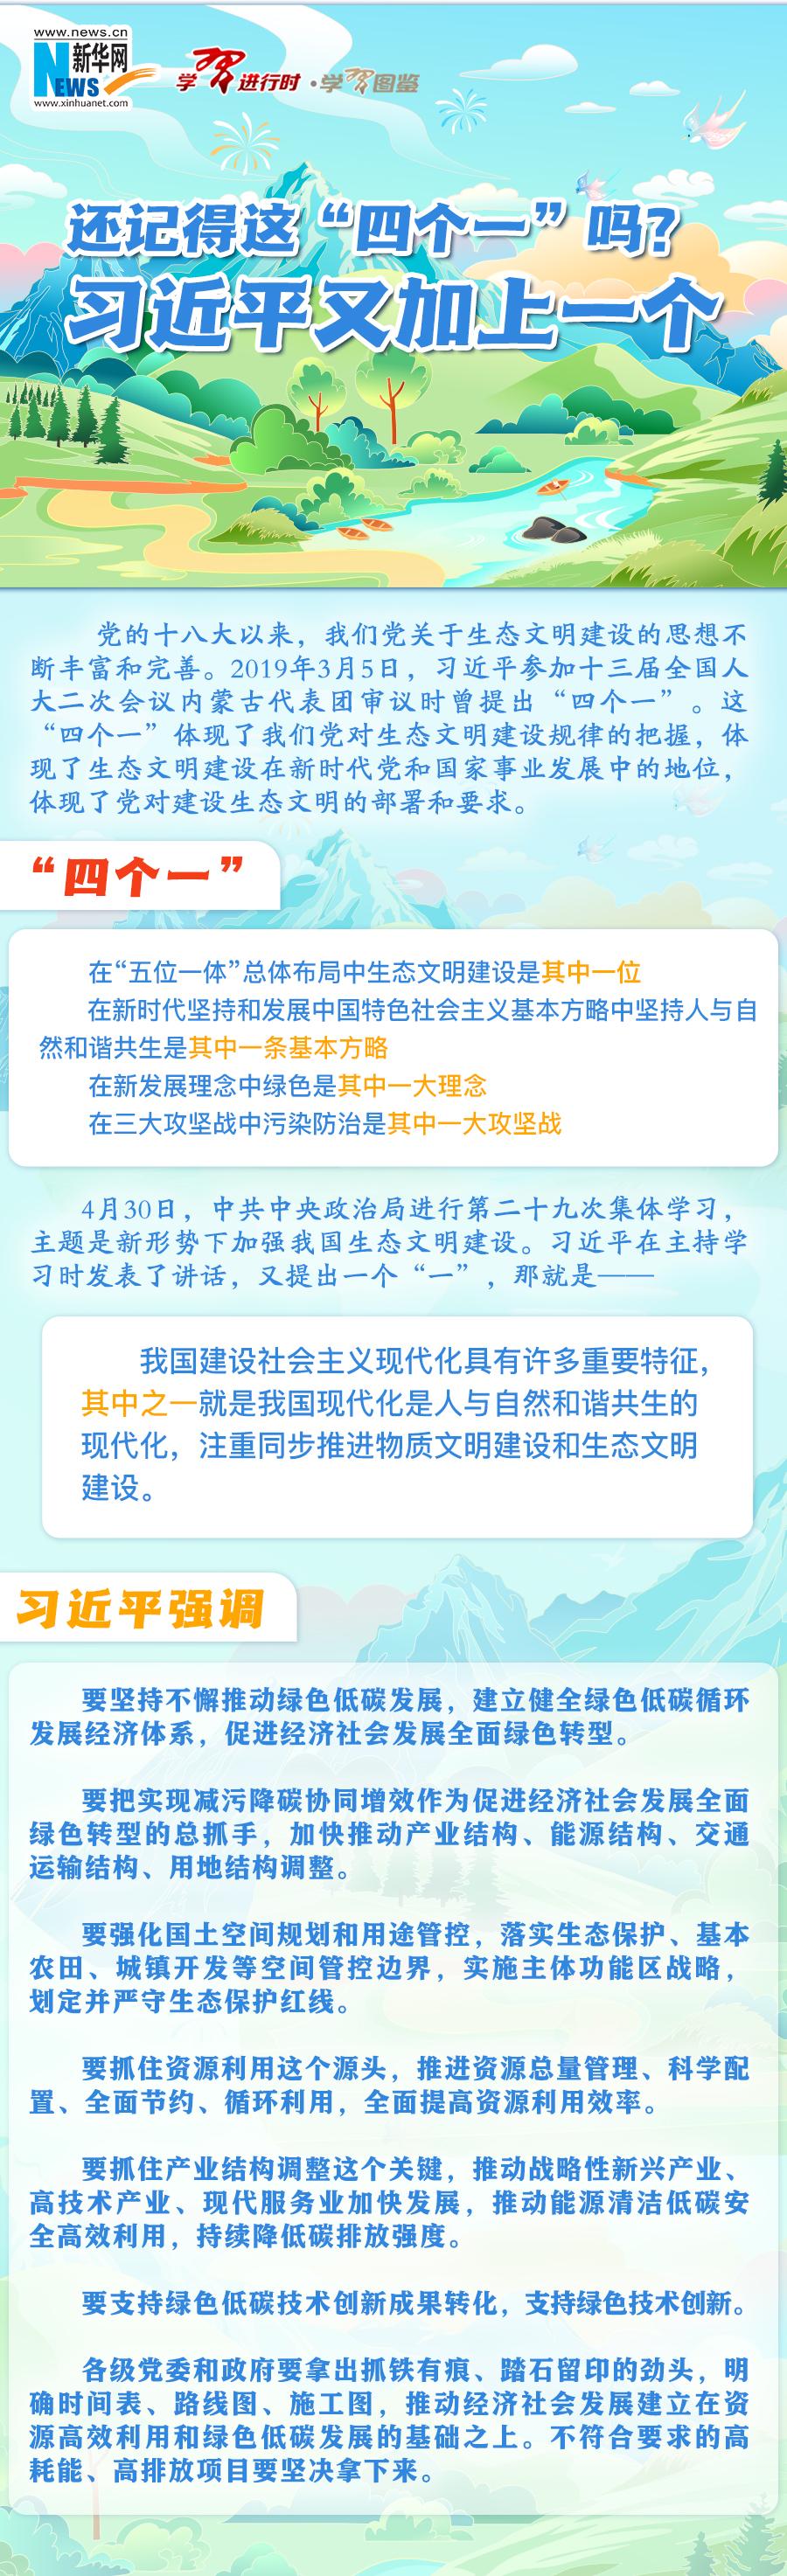 人生如梦@《青台镇》郑长春长篇小说连载(第五十四章)